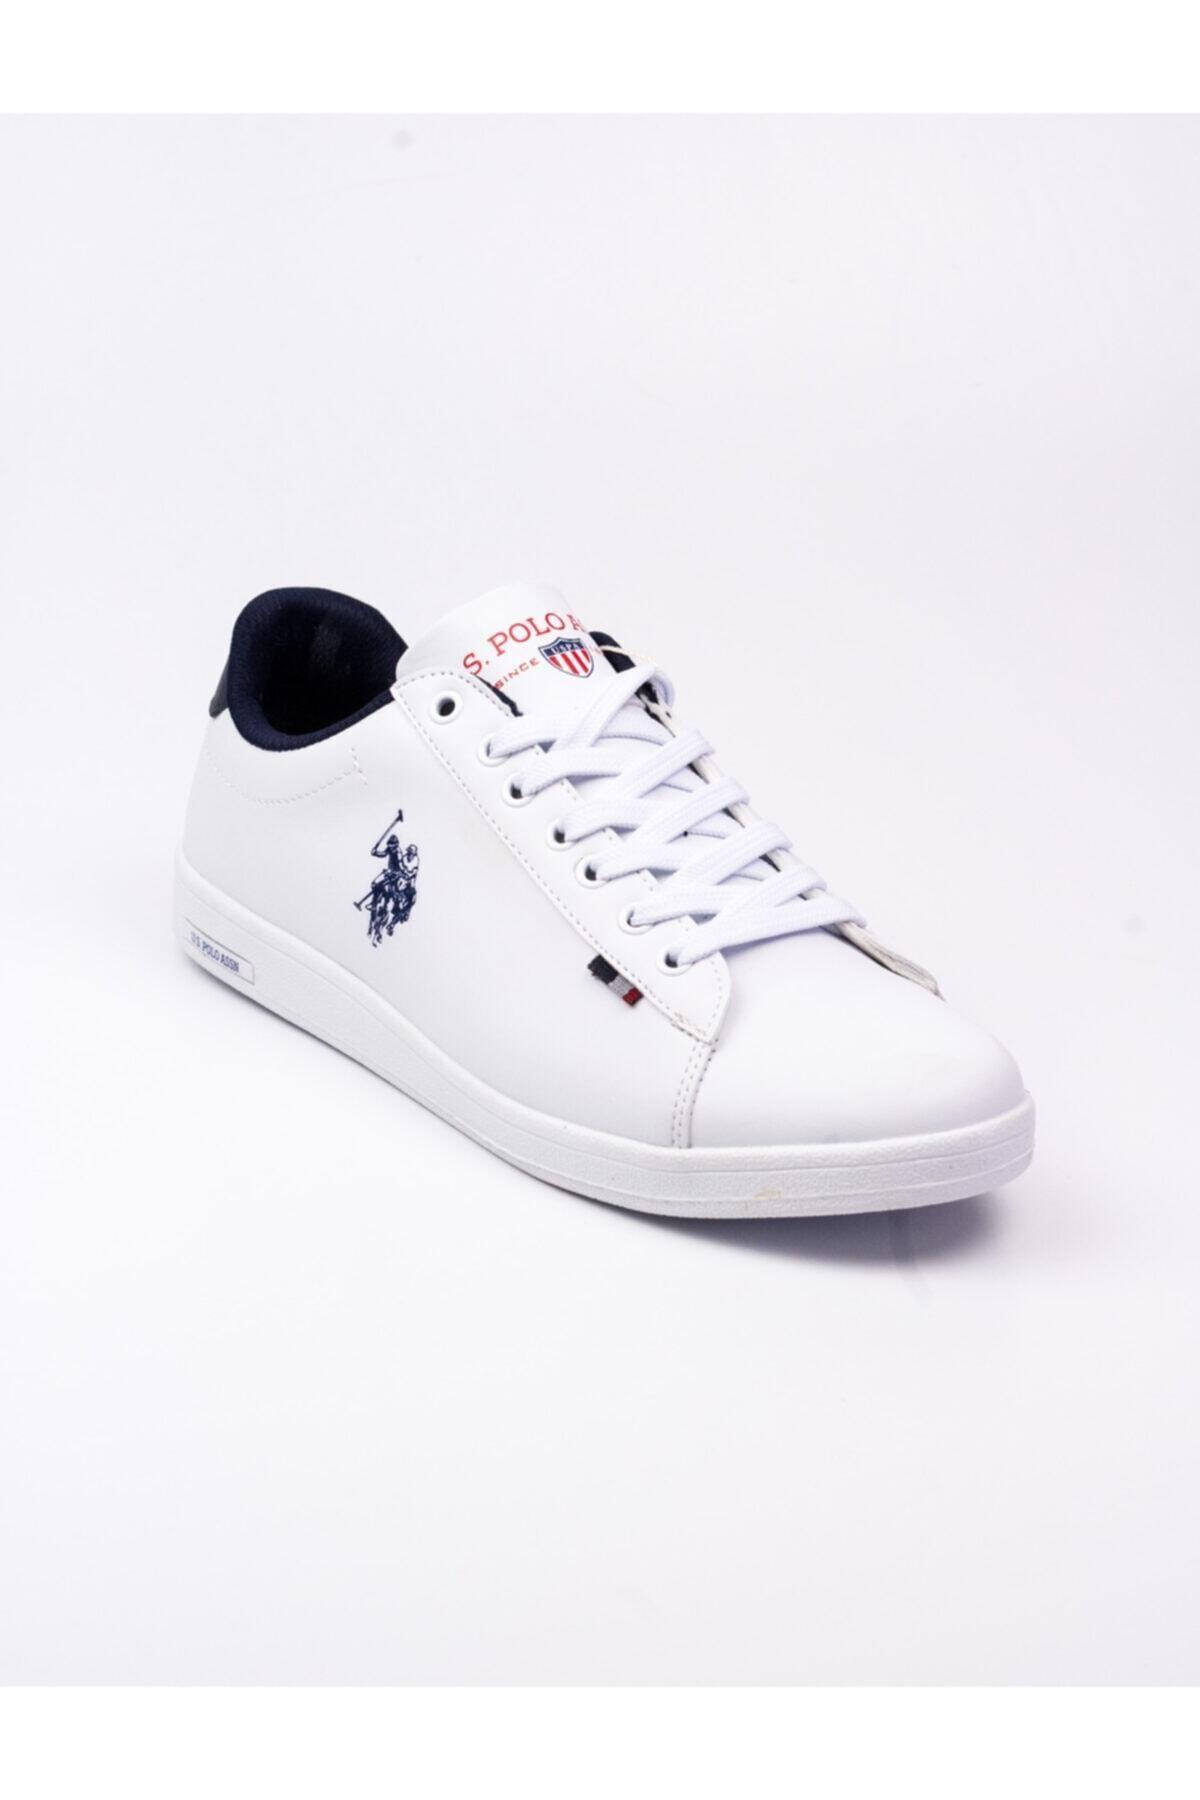 U.S. Polo Assn. Franco Sneakers Erkek Beyaz Ayakkabı 1